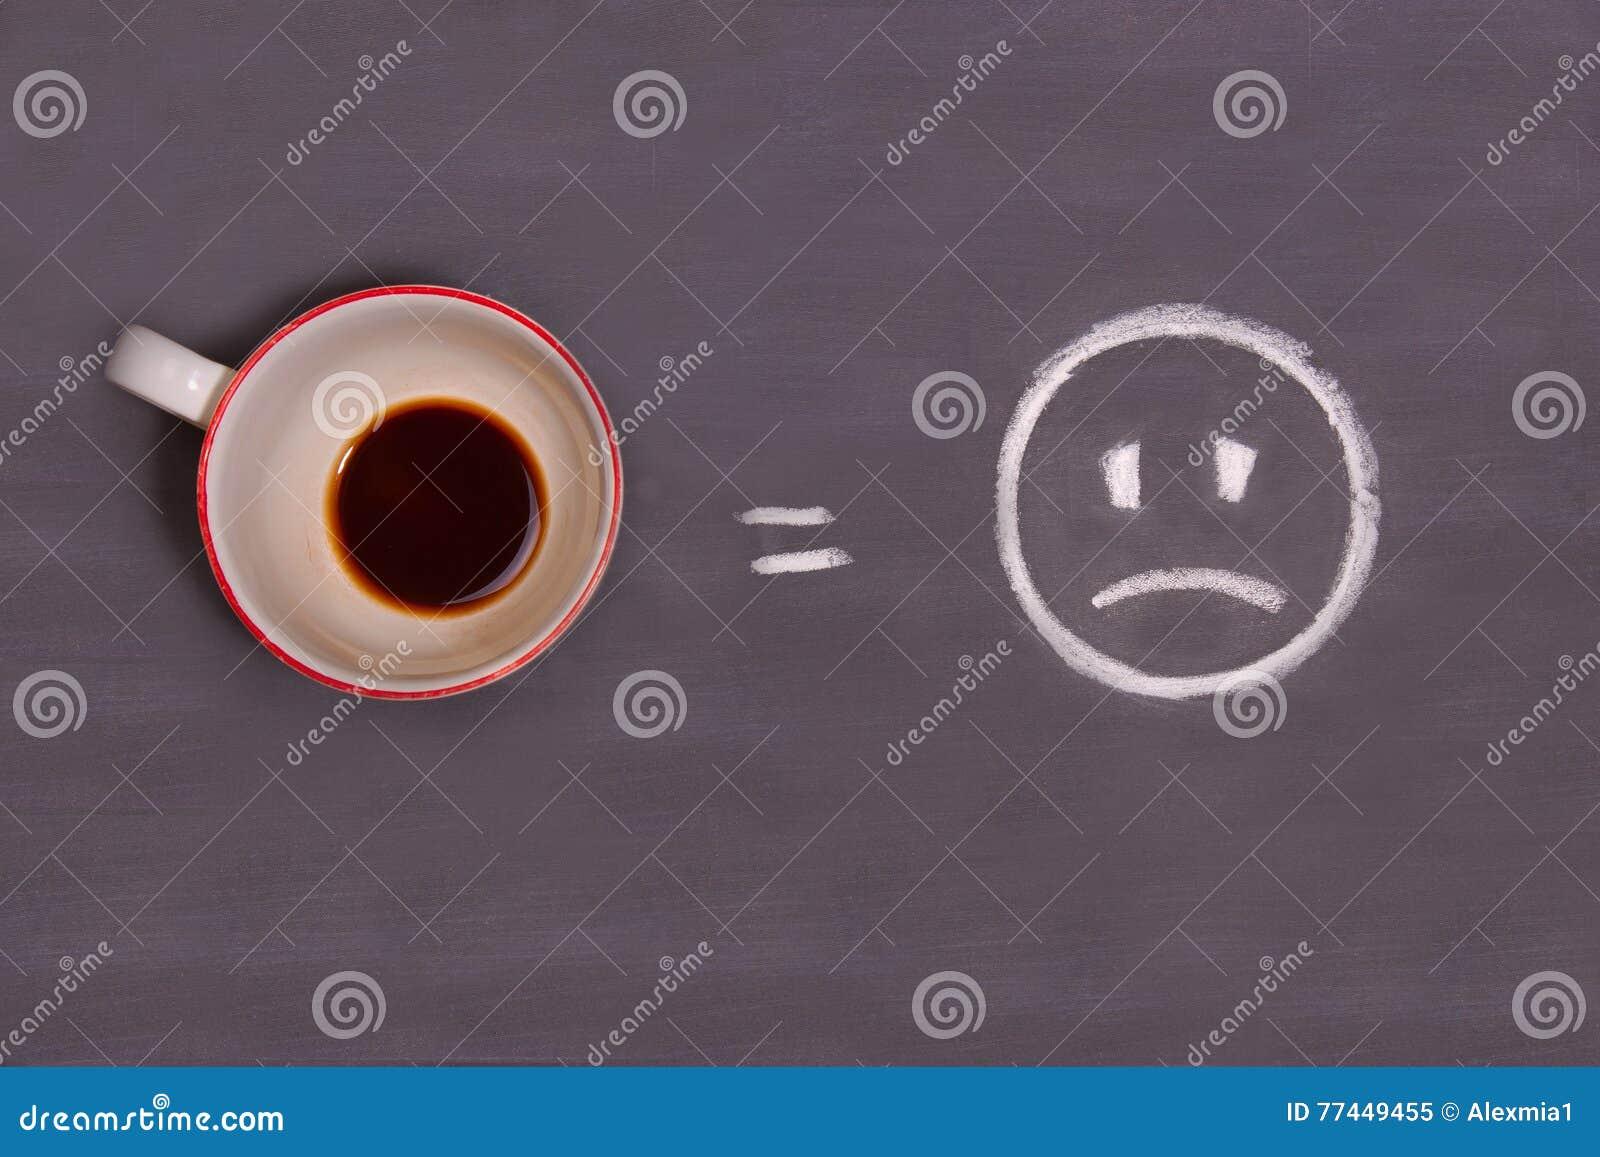 Tisch gezeichnet  Tasse Kaffee Und Trauriger Smiley Auf Dem Tisch Gezeichnet Mit ...